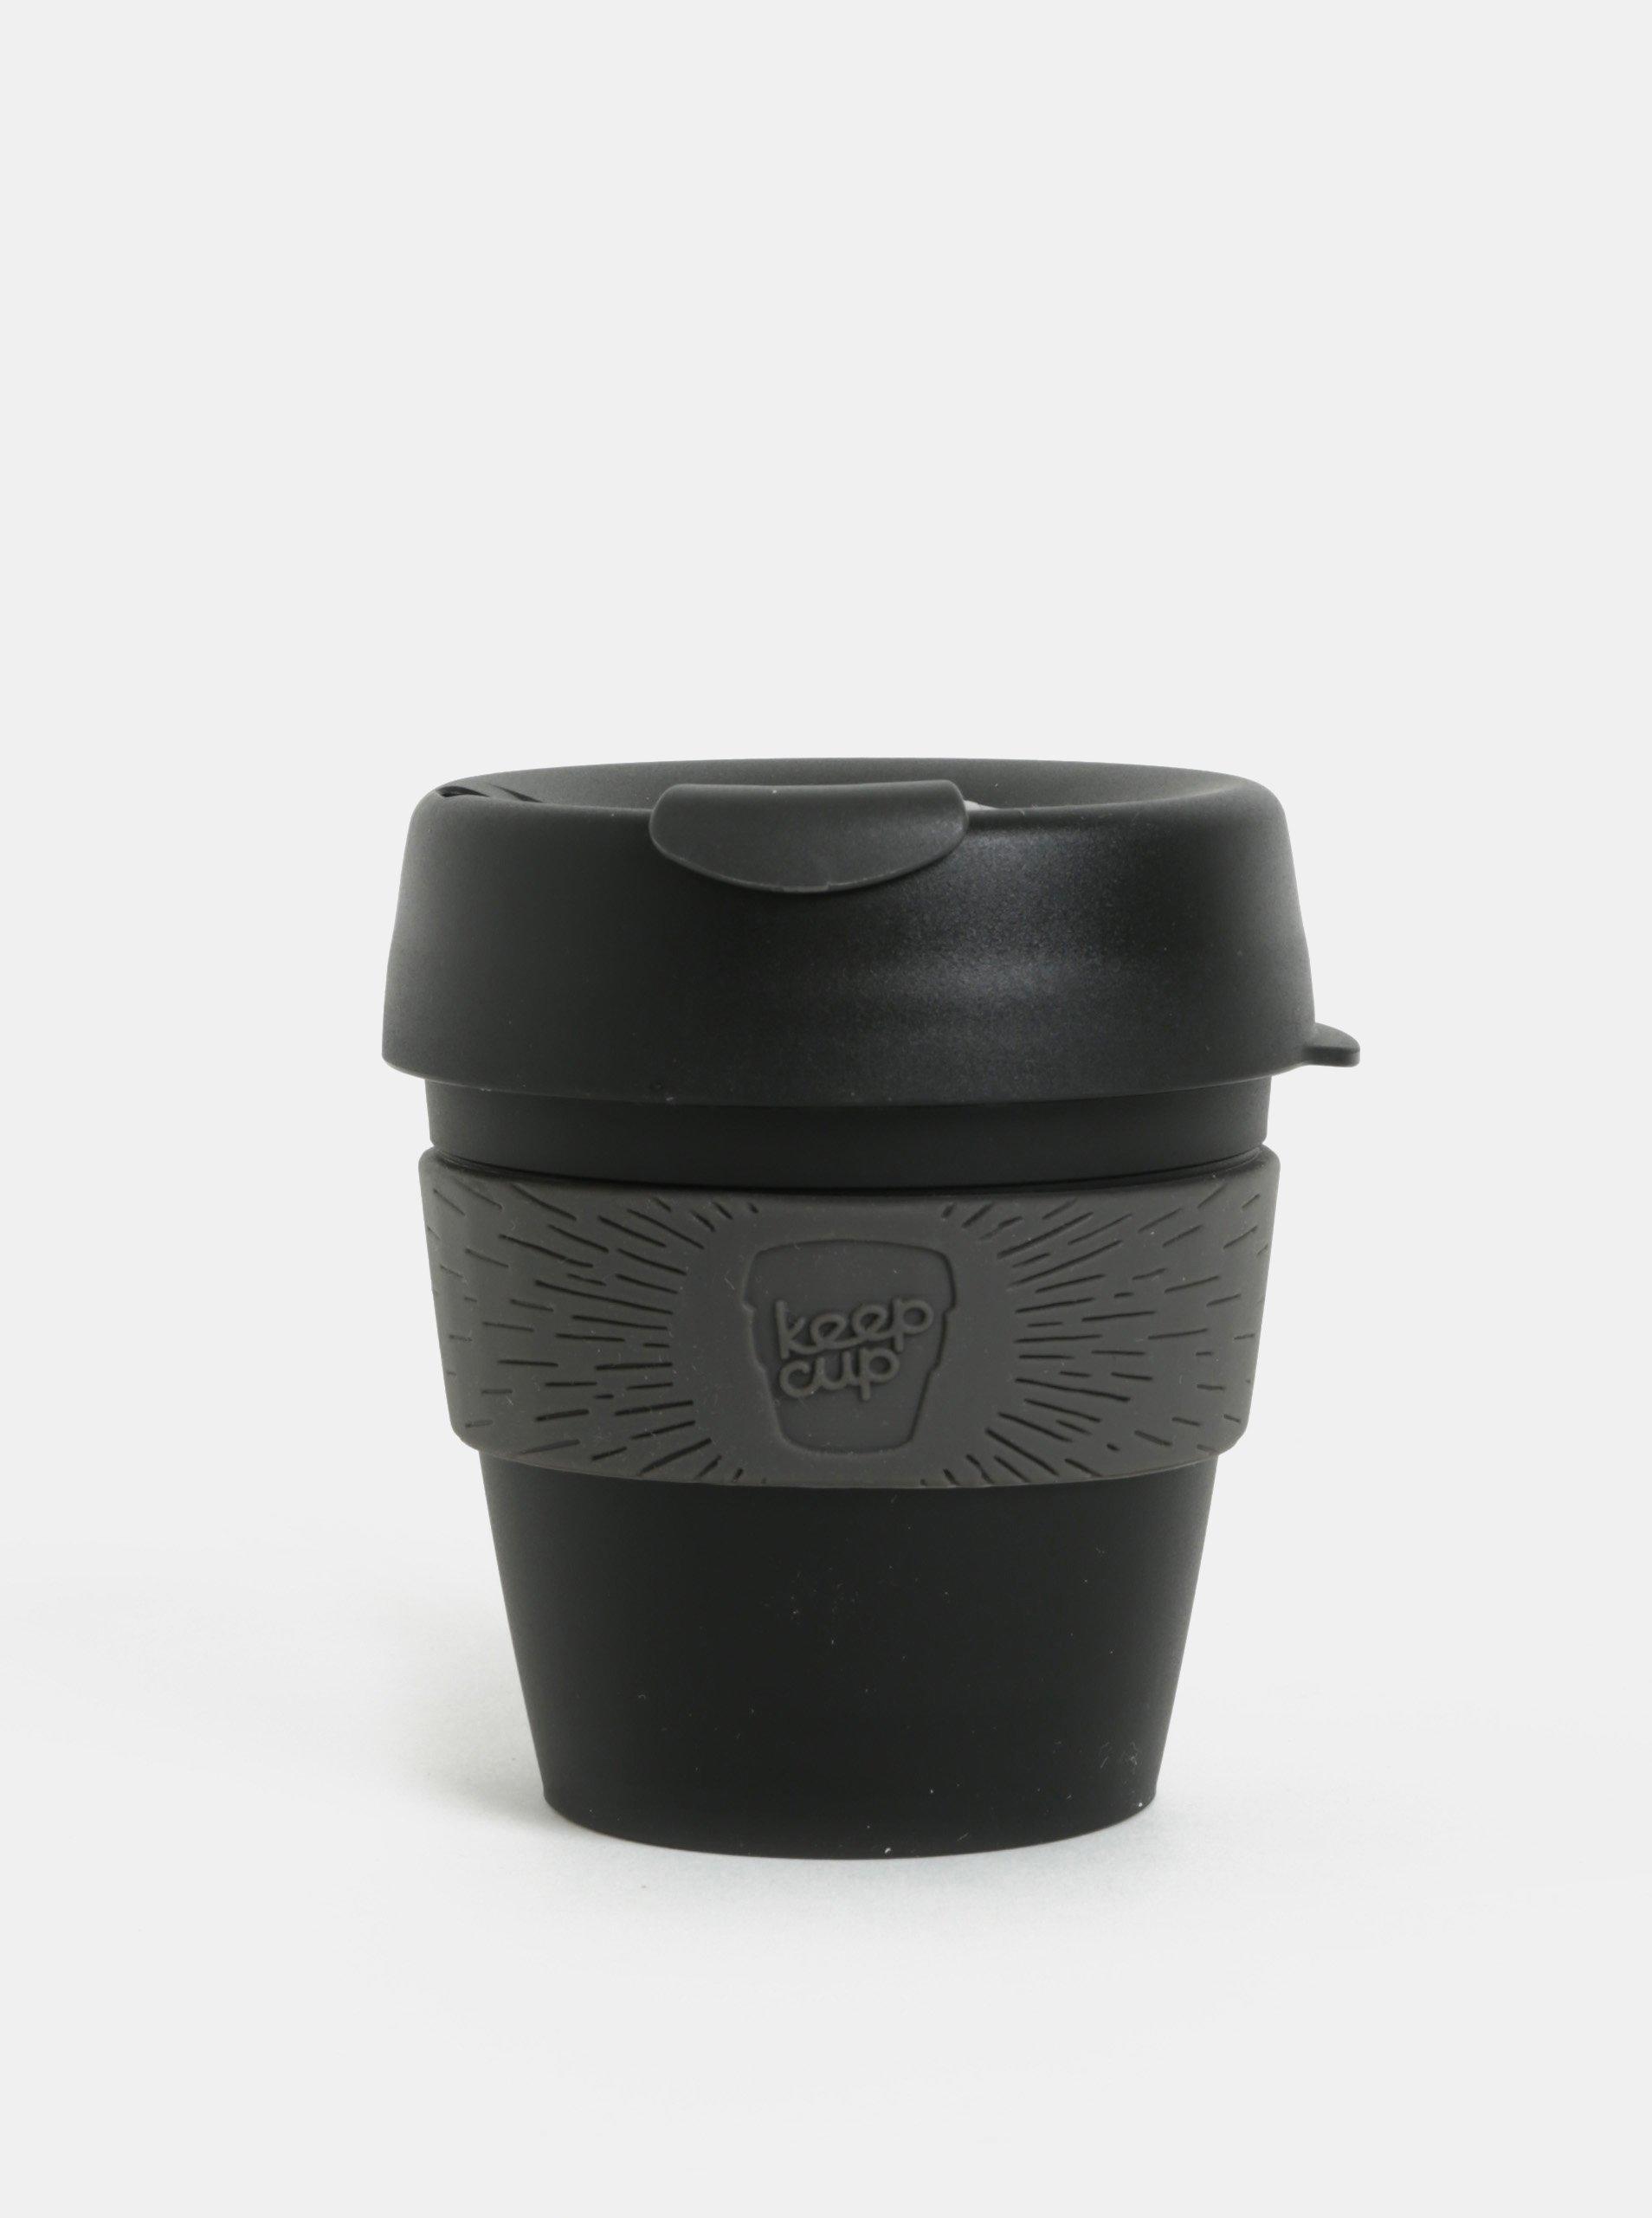 Sivo-čierny cestovný hrnček KeepCup Original Small